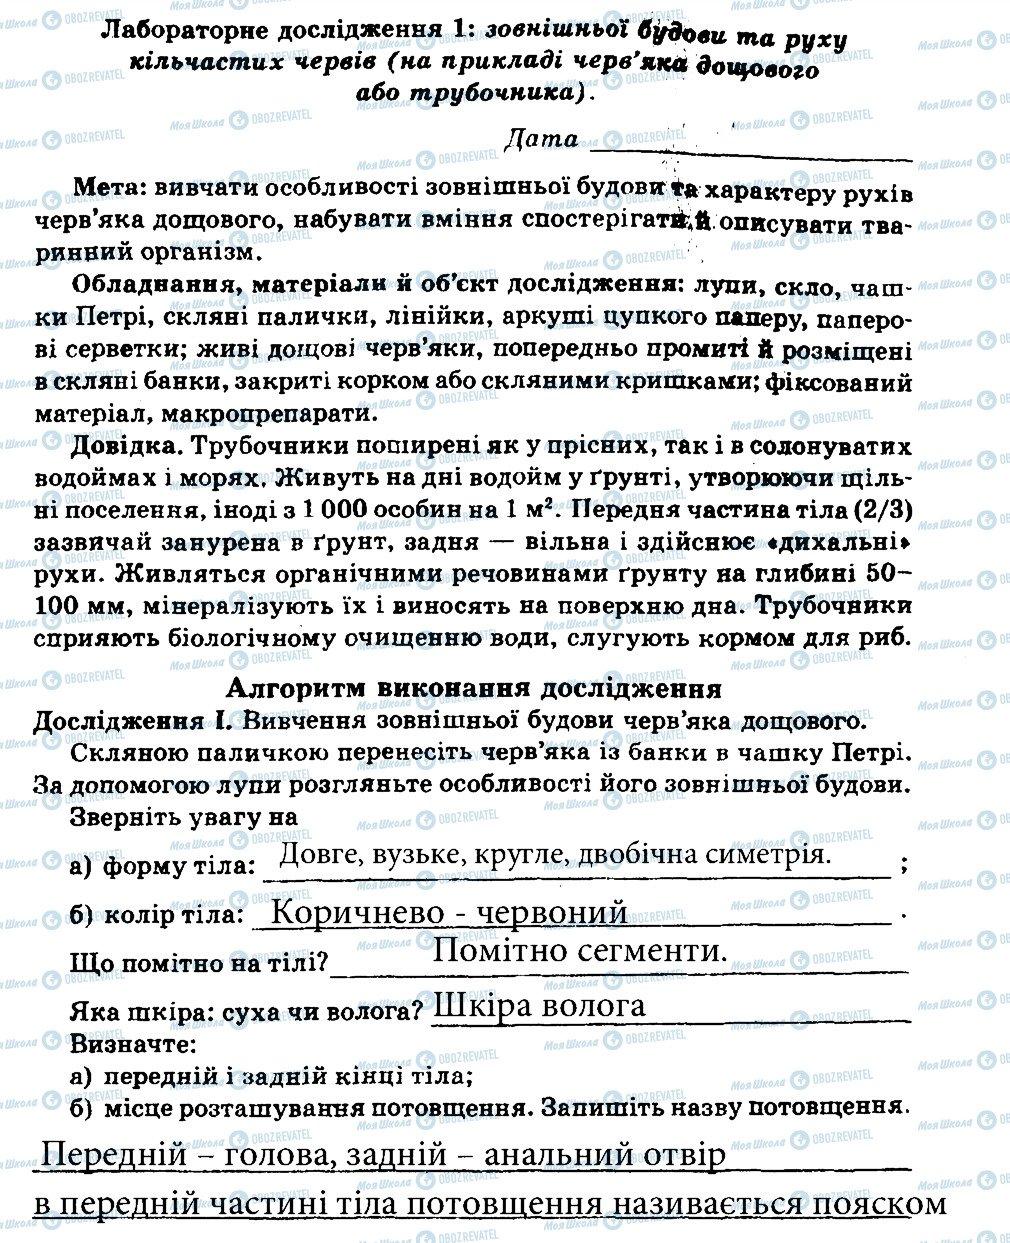 ГДЗ Біологія 7 клас сторінка ЛД1